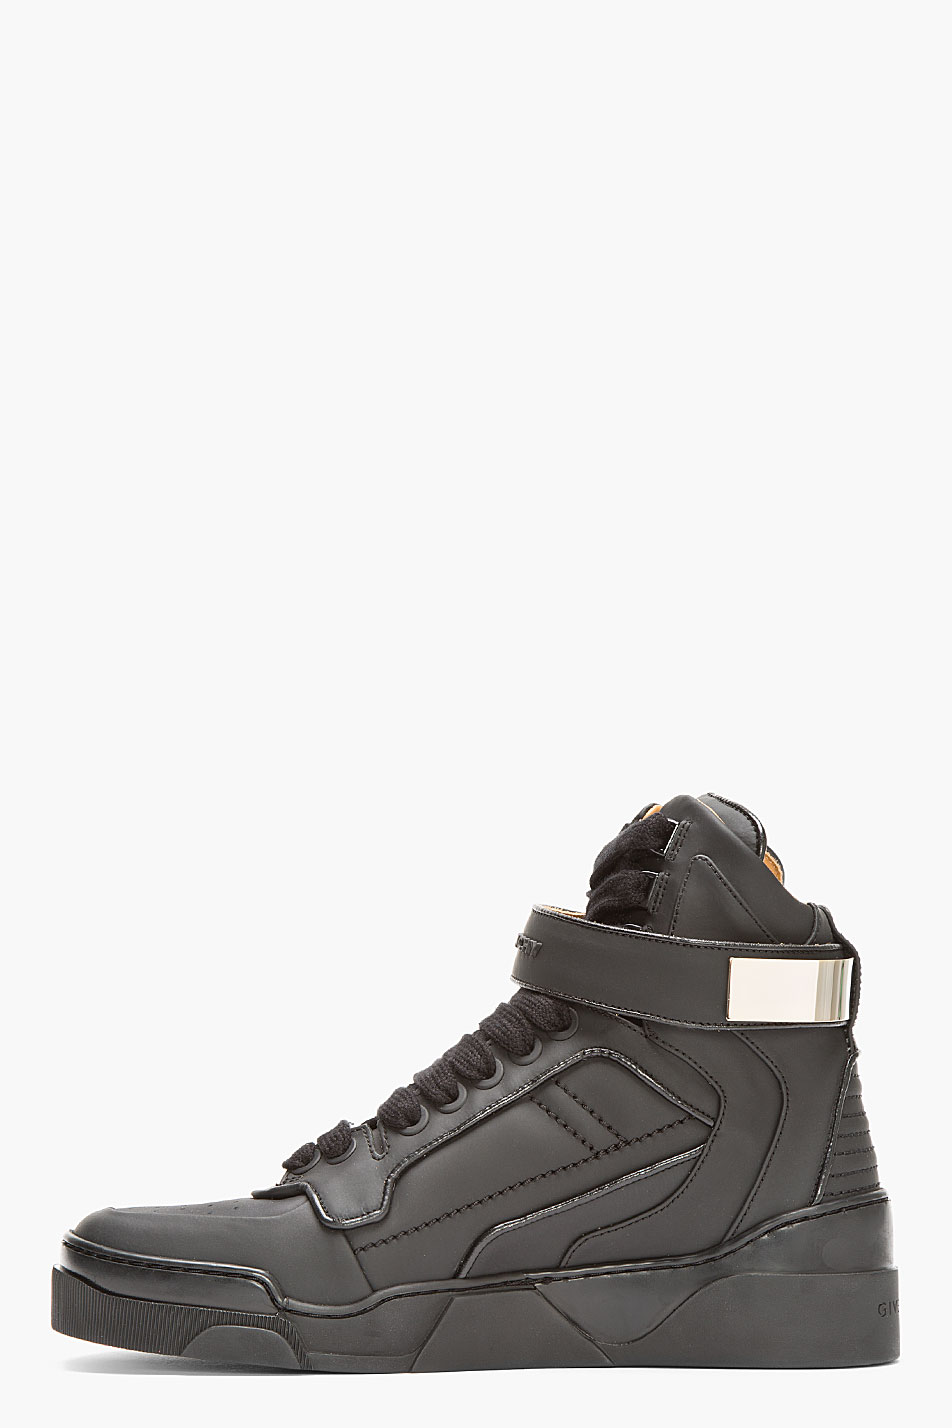 Matte Black × Metal Velcro strap givenchy sneakers 2